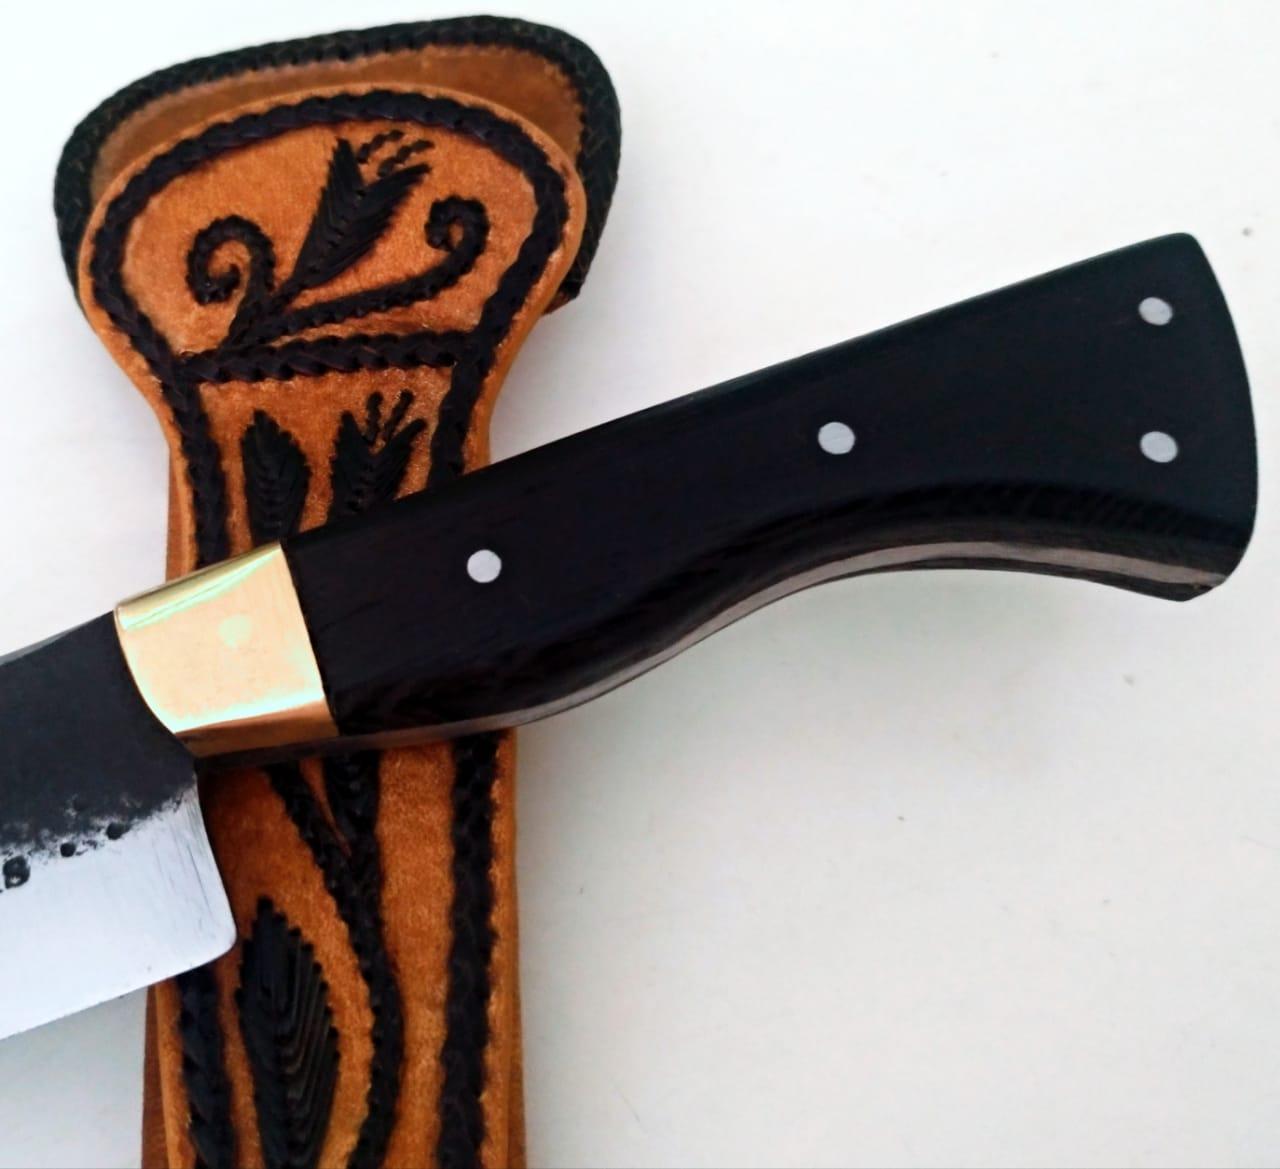 Faca artesanal negra tf língua de chimango aço carbono 12 polegadas